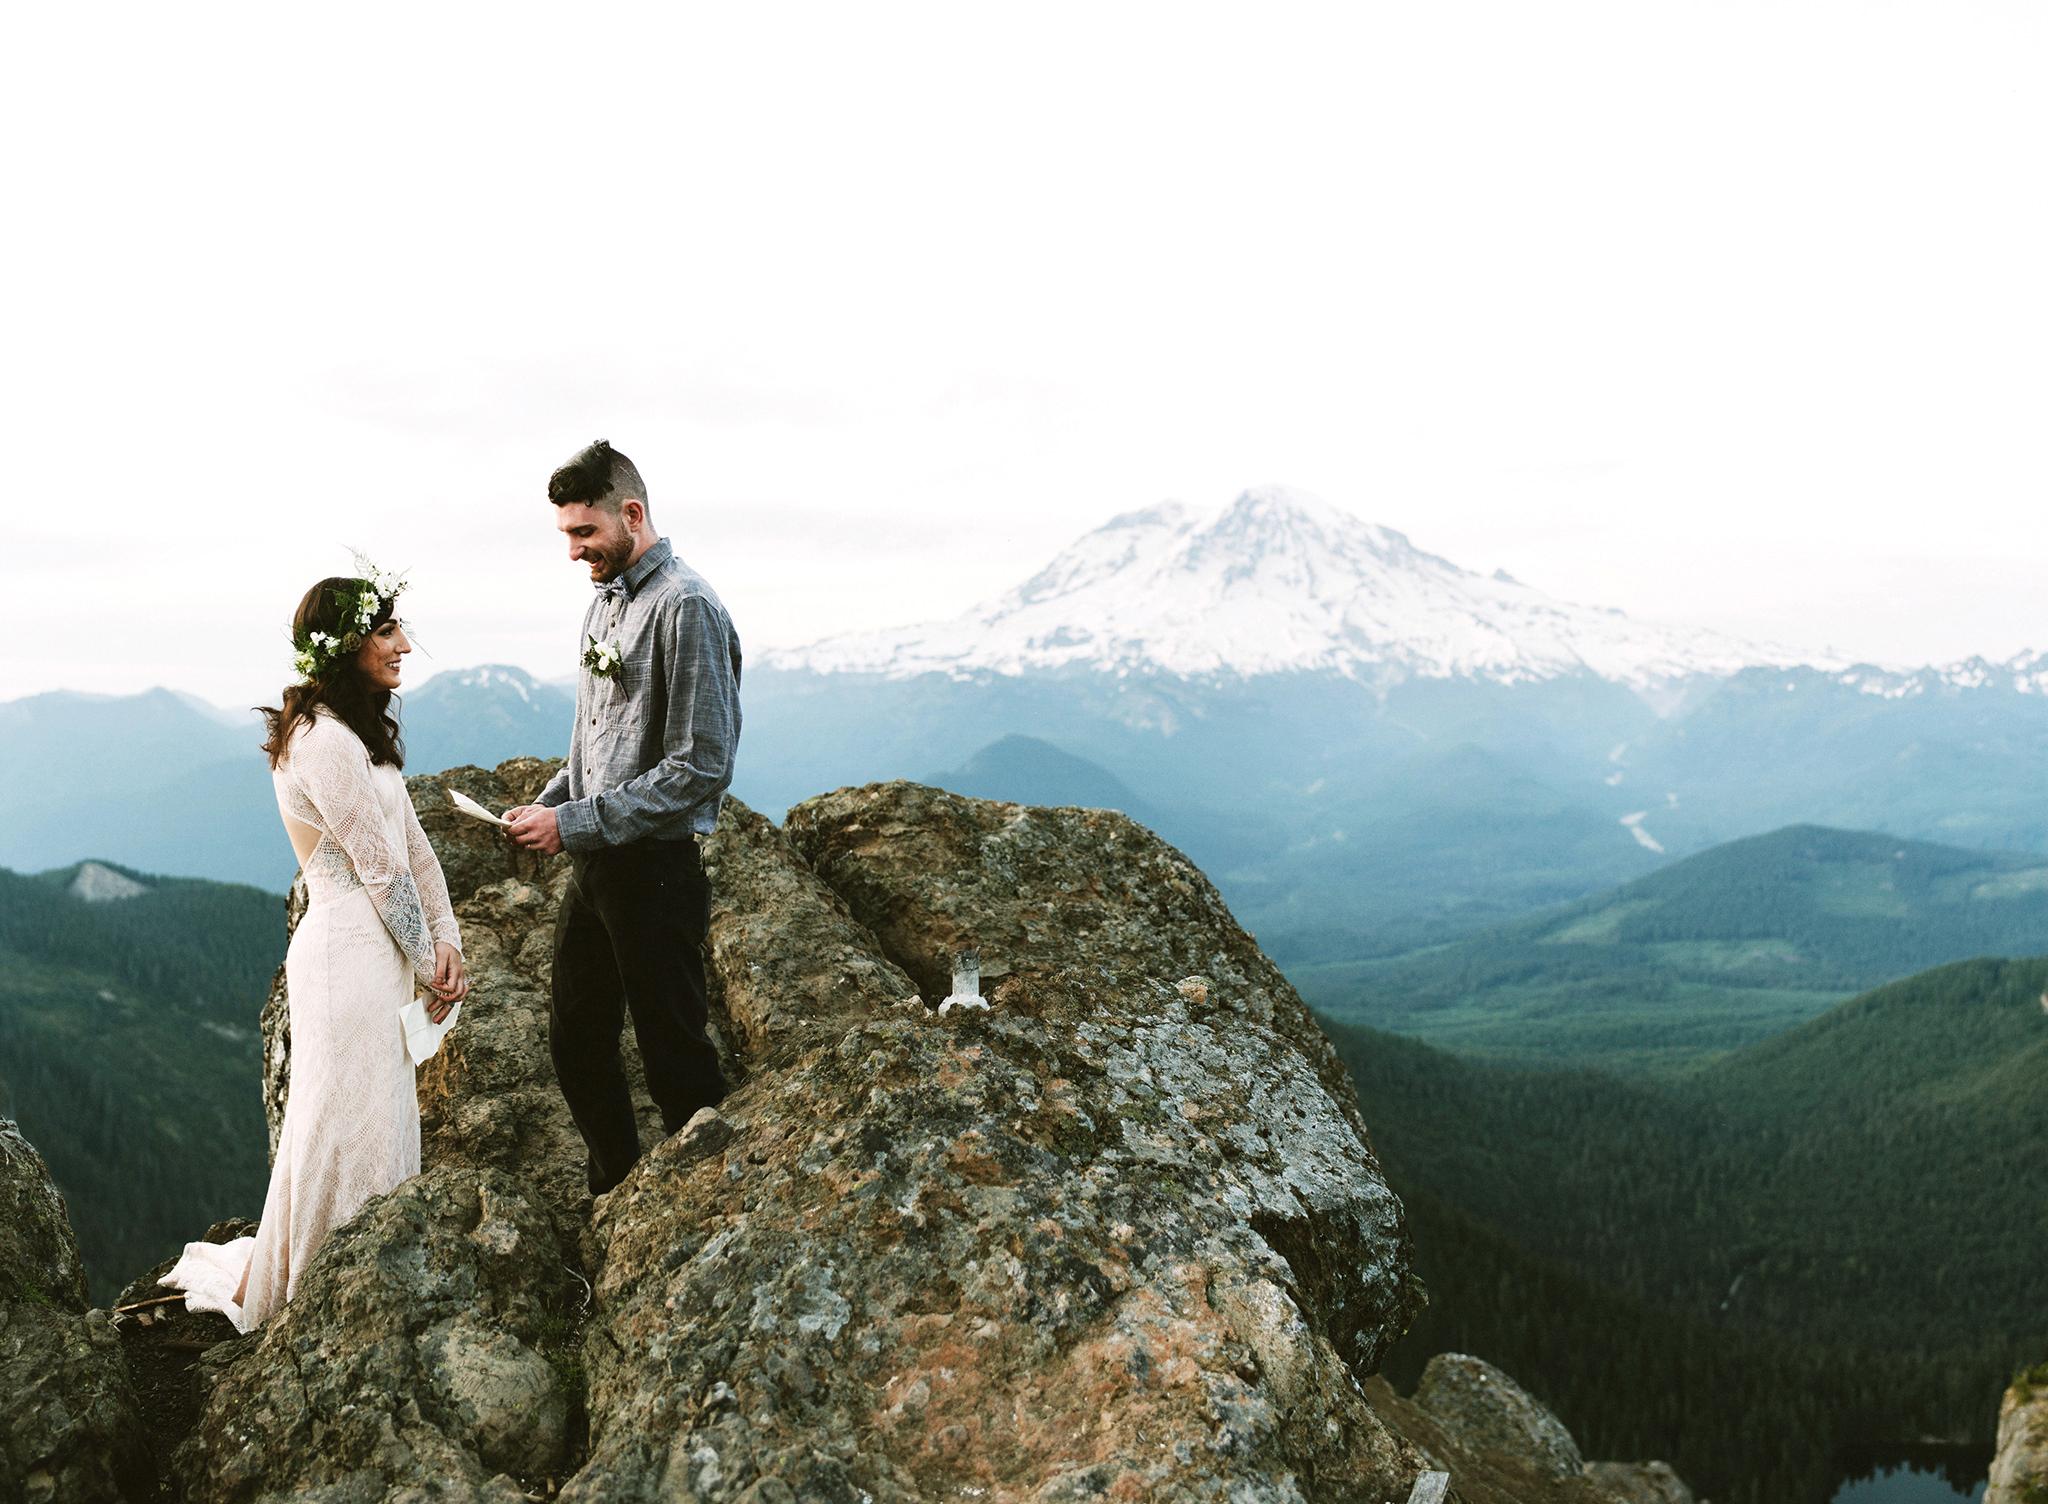 epic wedding photos benj haisch couple on cliff